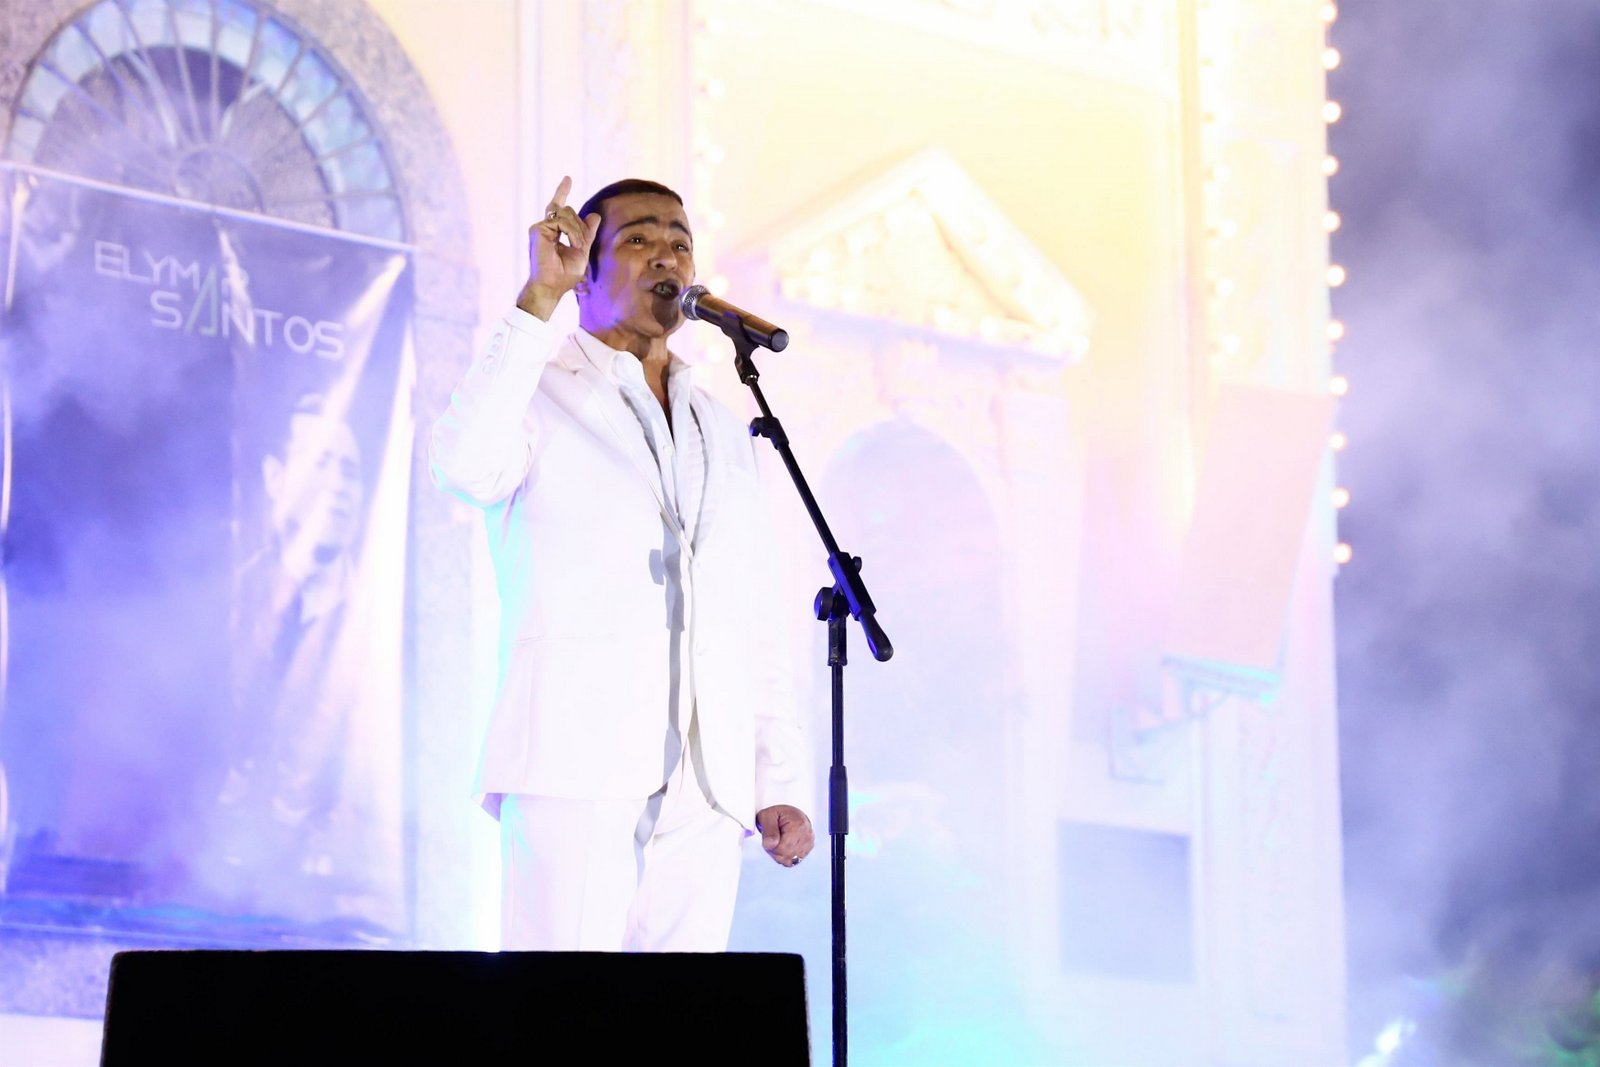 Sem público, Elymar Santos, faz show direto da Igreja da Penha no RJ